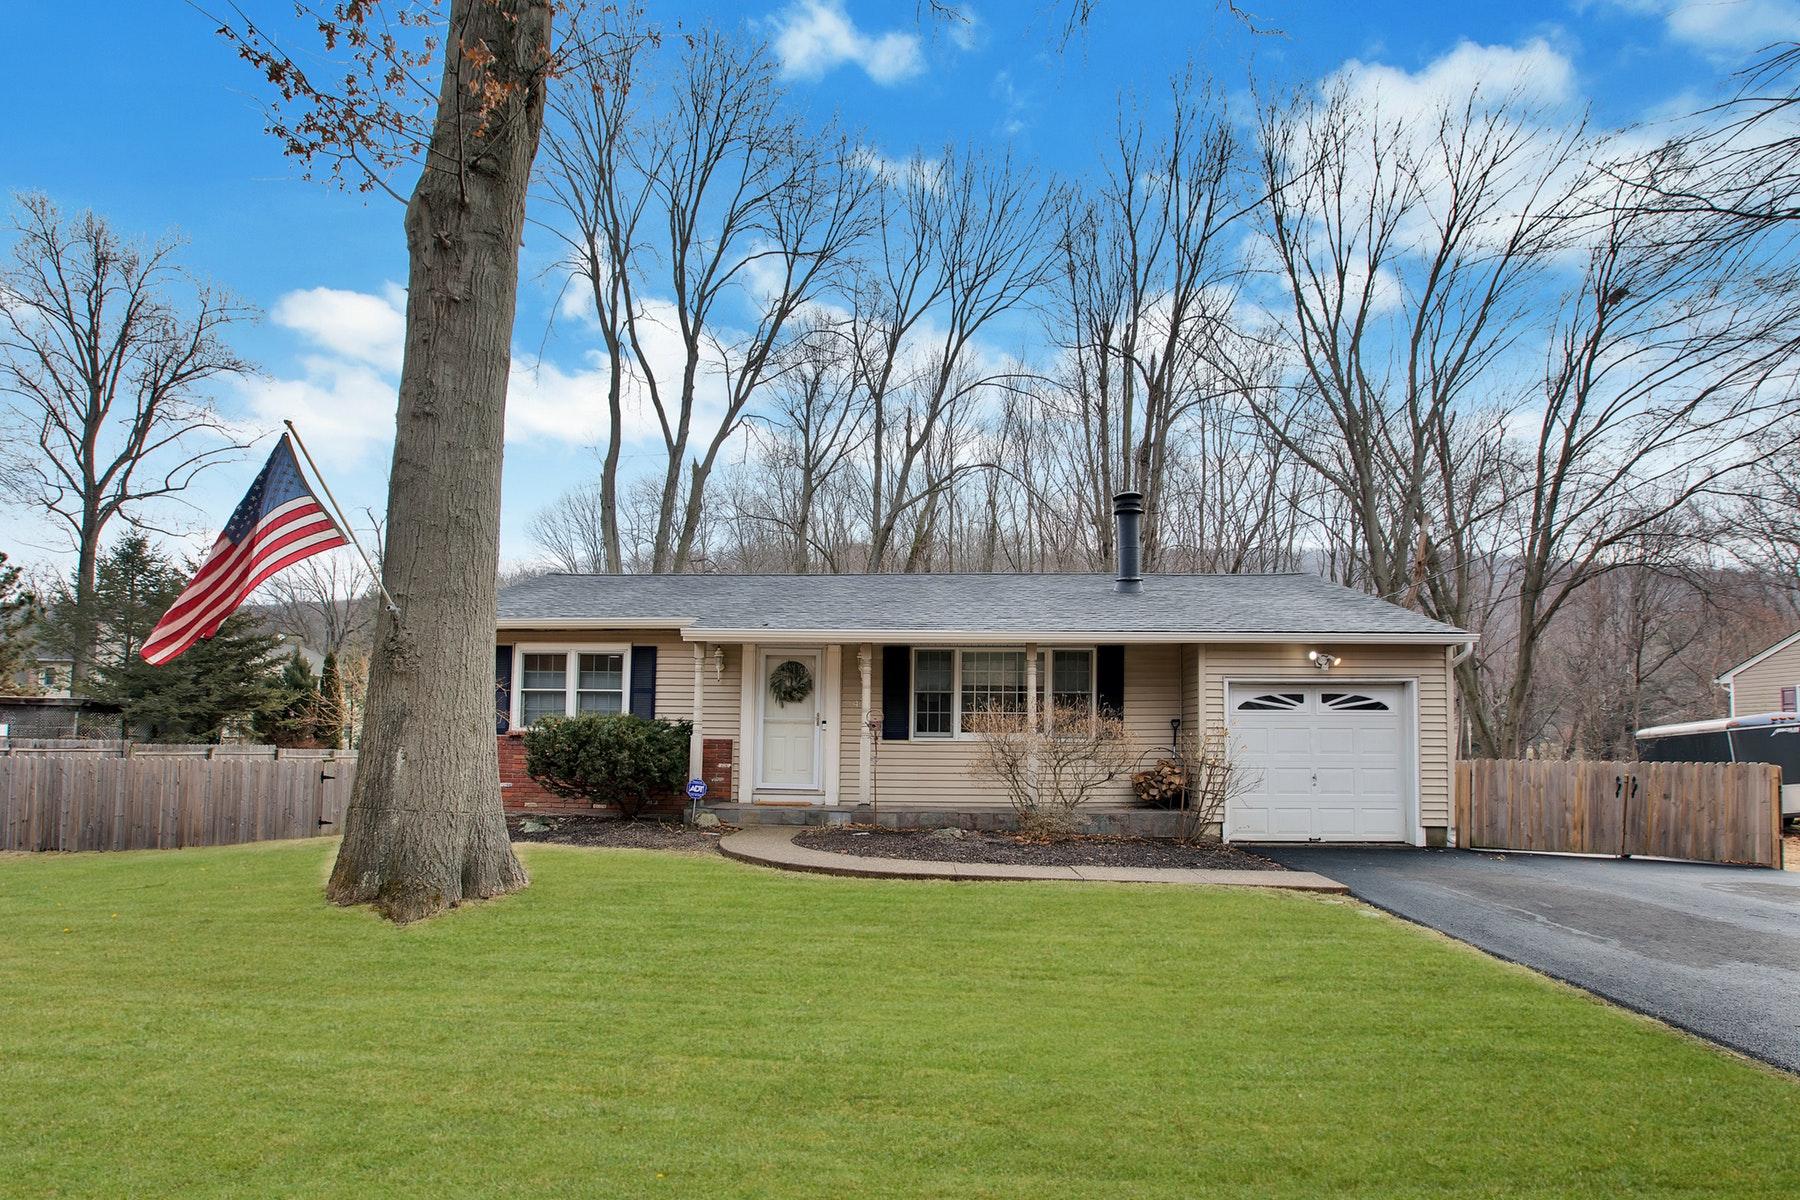 独户住宅 为 销售 在 Welcome Home 455 Conklintown Rd 令伍特, 新泽西州 07456 美国